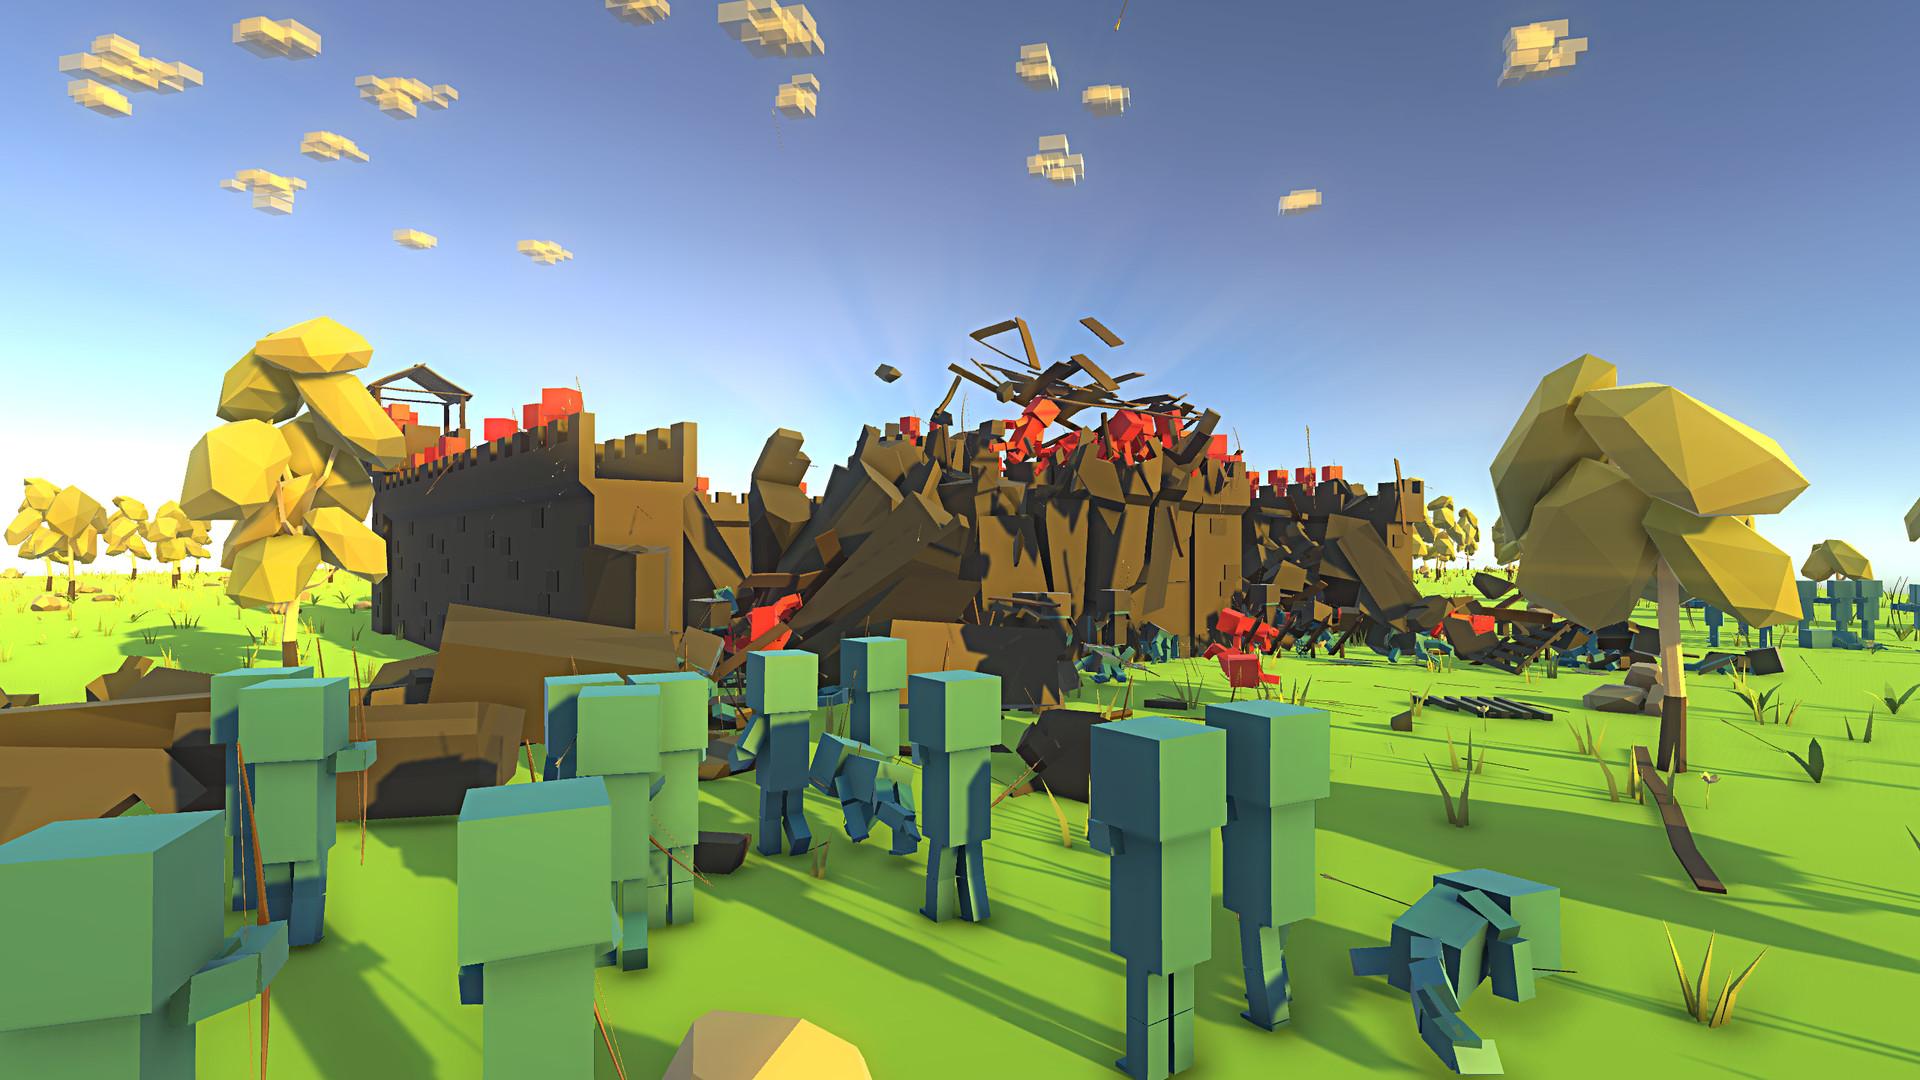 Ancient Warfare 2 image 2 - ancient warfare 3 - mod db